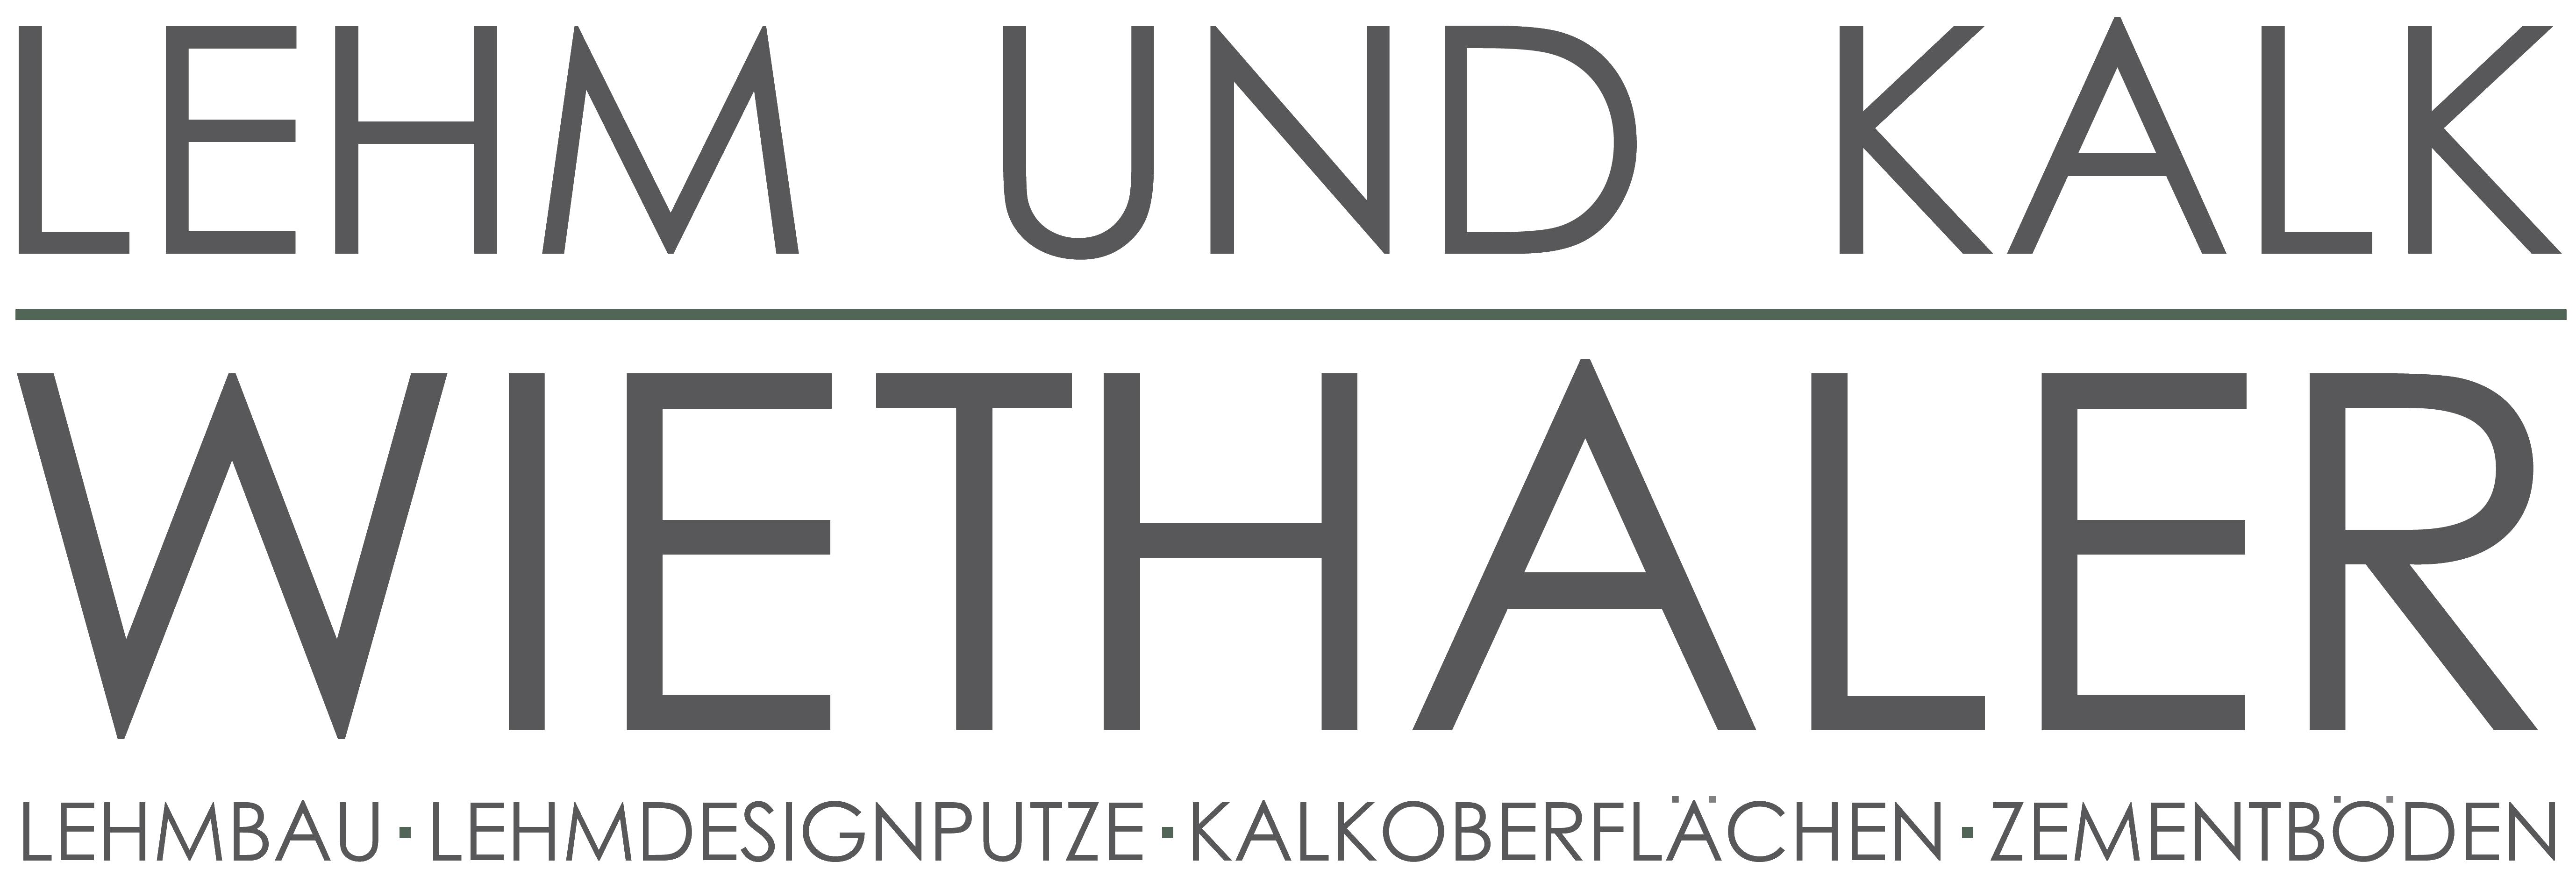 Lehm und Kalk Wiethaler